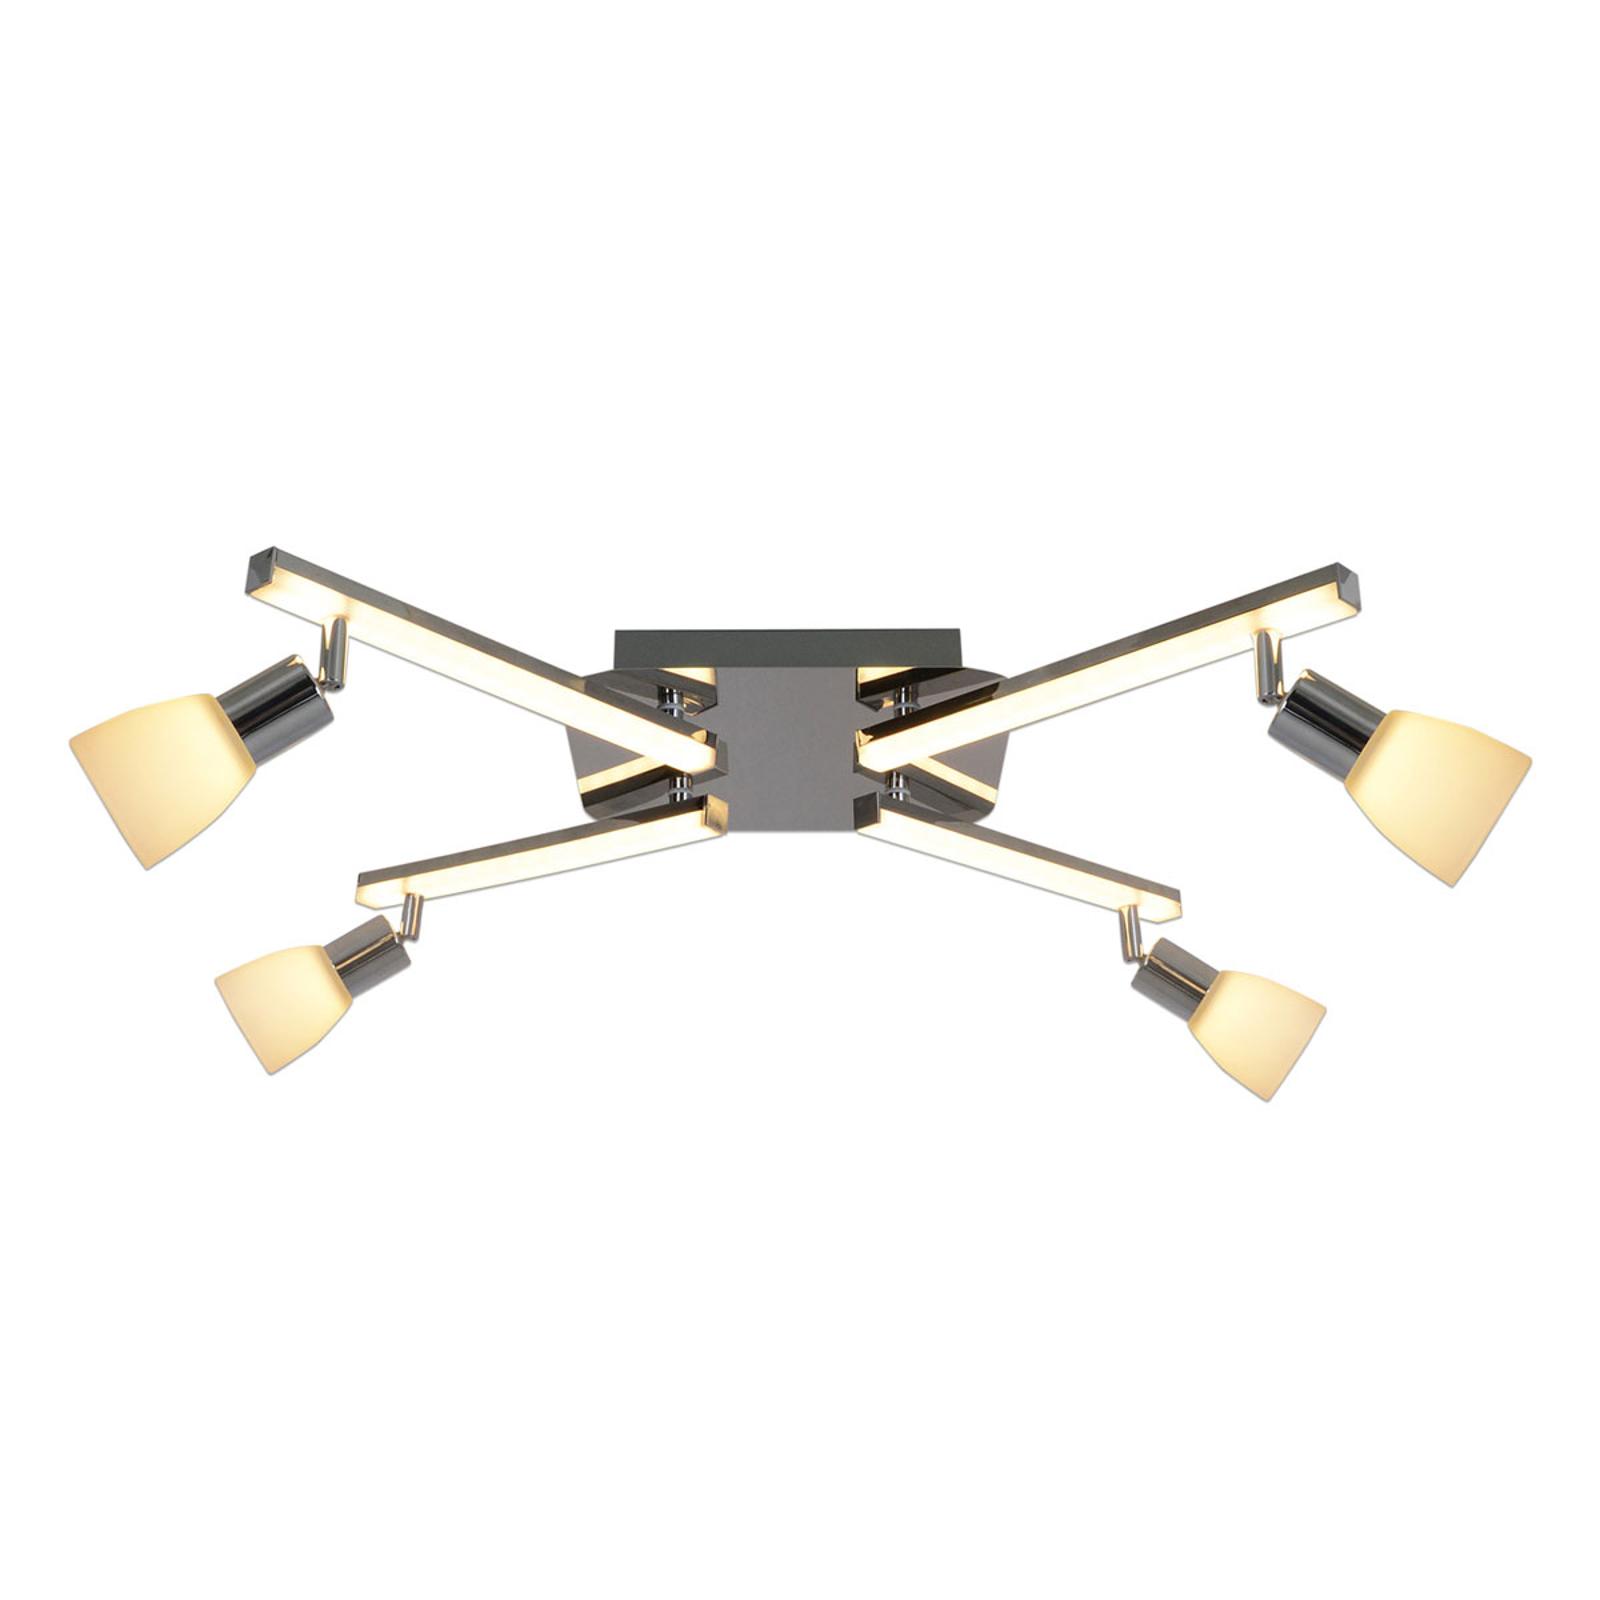 Lampa sufitowa LED Ibiza 4-punktowa